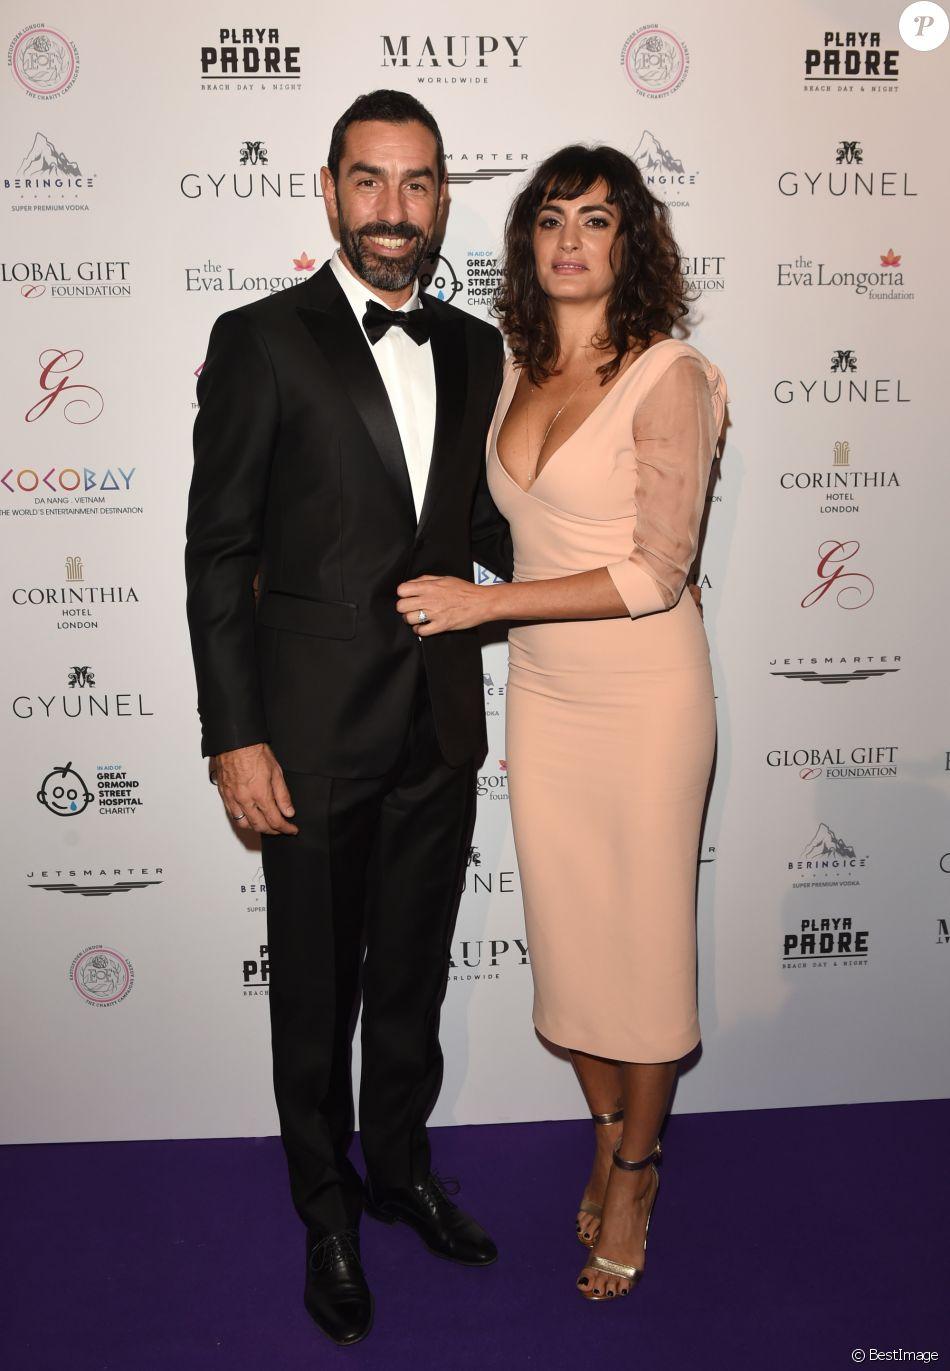 Robert Pires et sa femme Jessica Lemarié - Les célébrités posent lors du photocall de la soirée Global Gift à Londres le 18 novembre 2017.